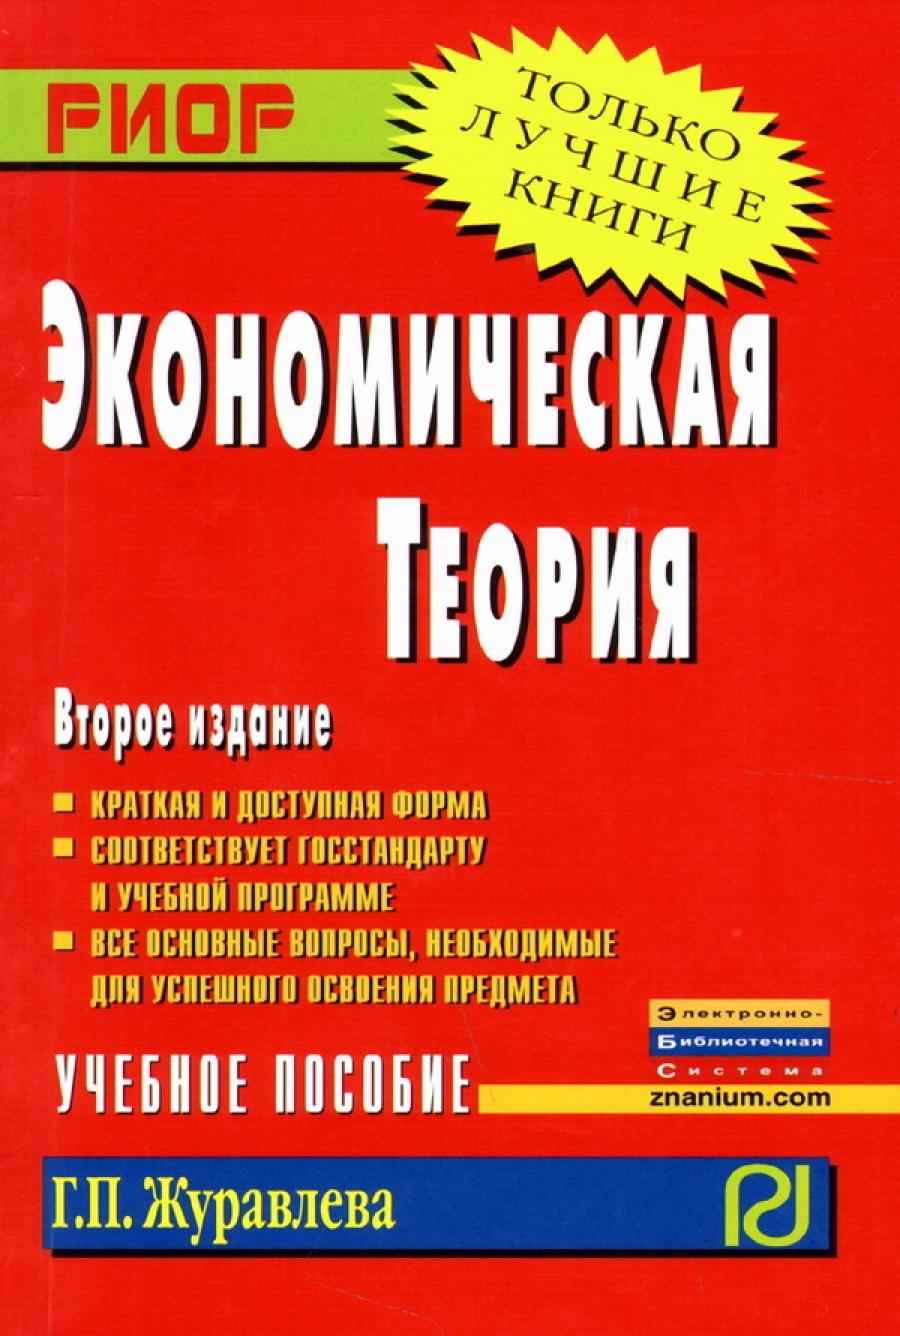 Обложка книги:  бродская т. г. , видяпин в. и. , журавлева г. п. - экономическая теория